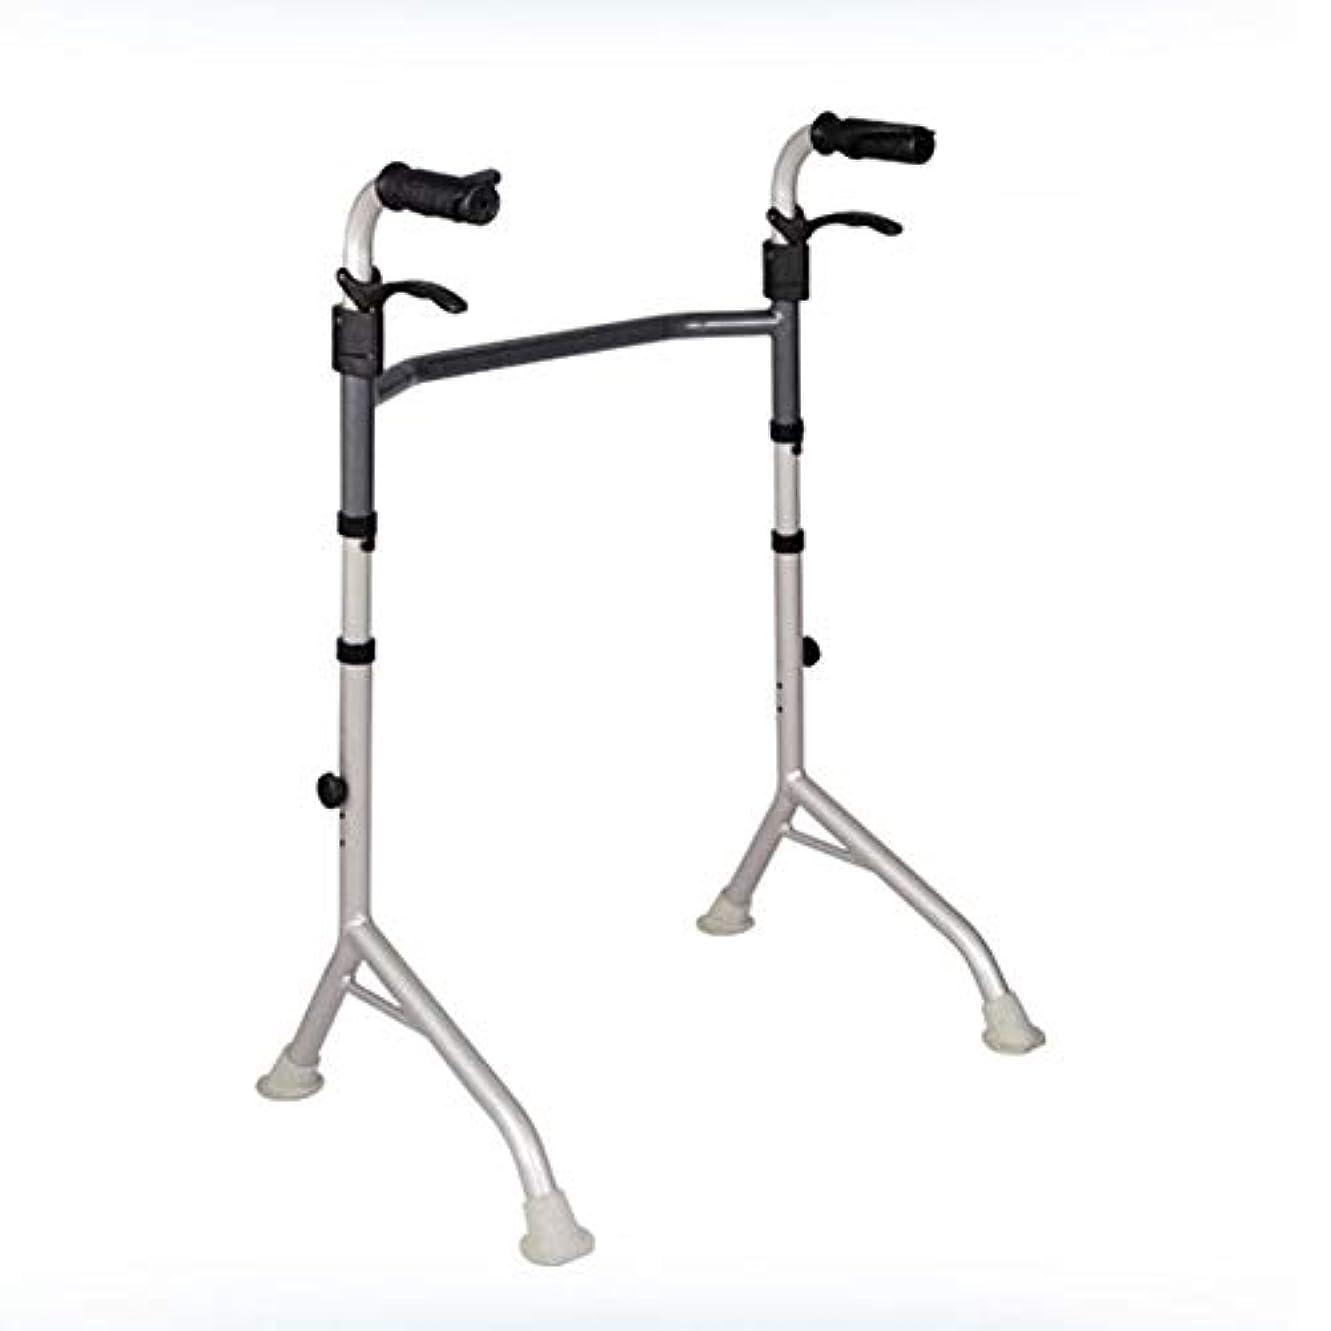 突き刺す出演者カテゴリー四脚歩行器、高齢者歩行フレーム、リハビリテーション立ちアームレスト、歩行補助